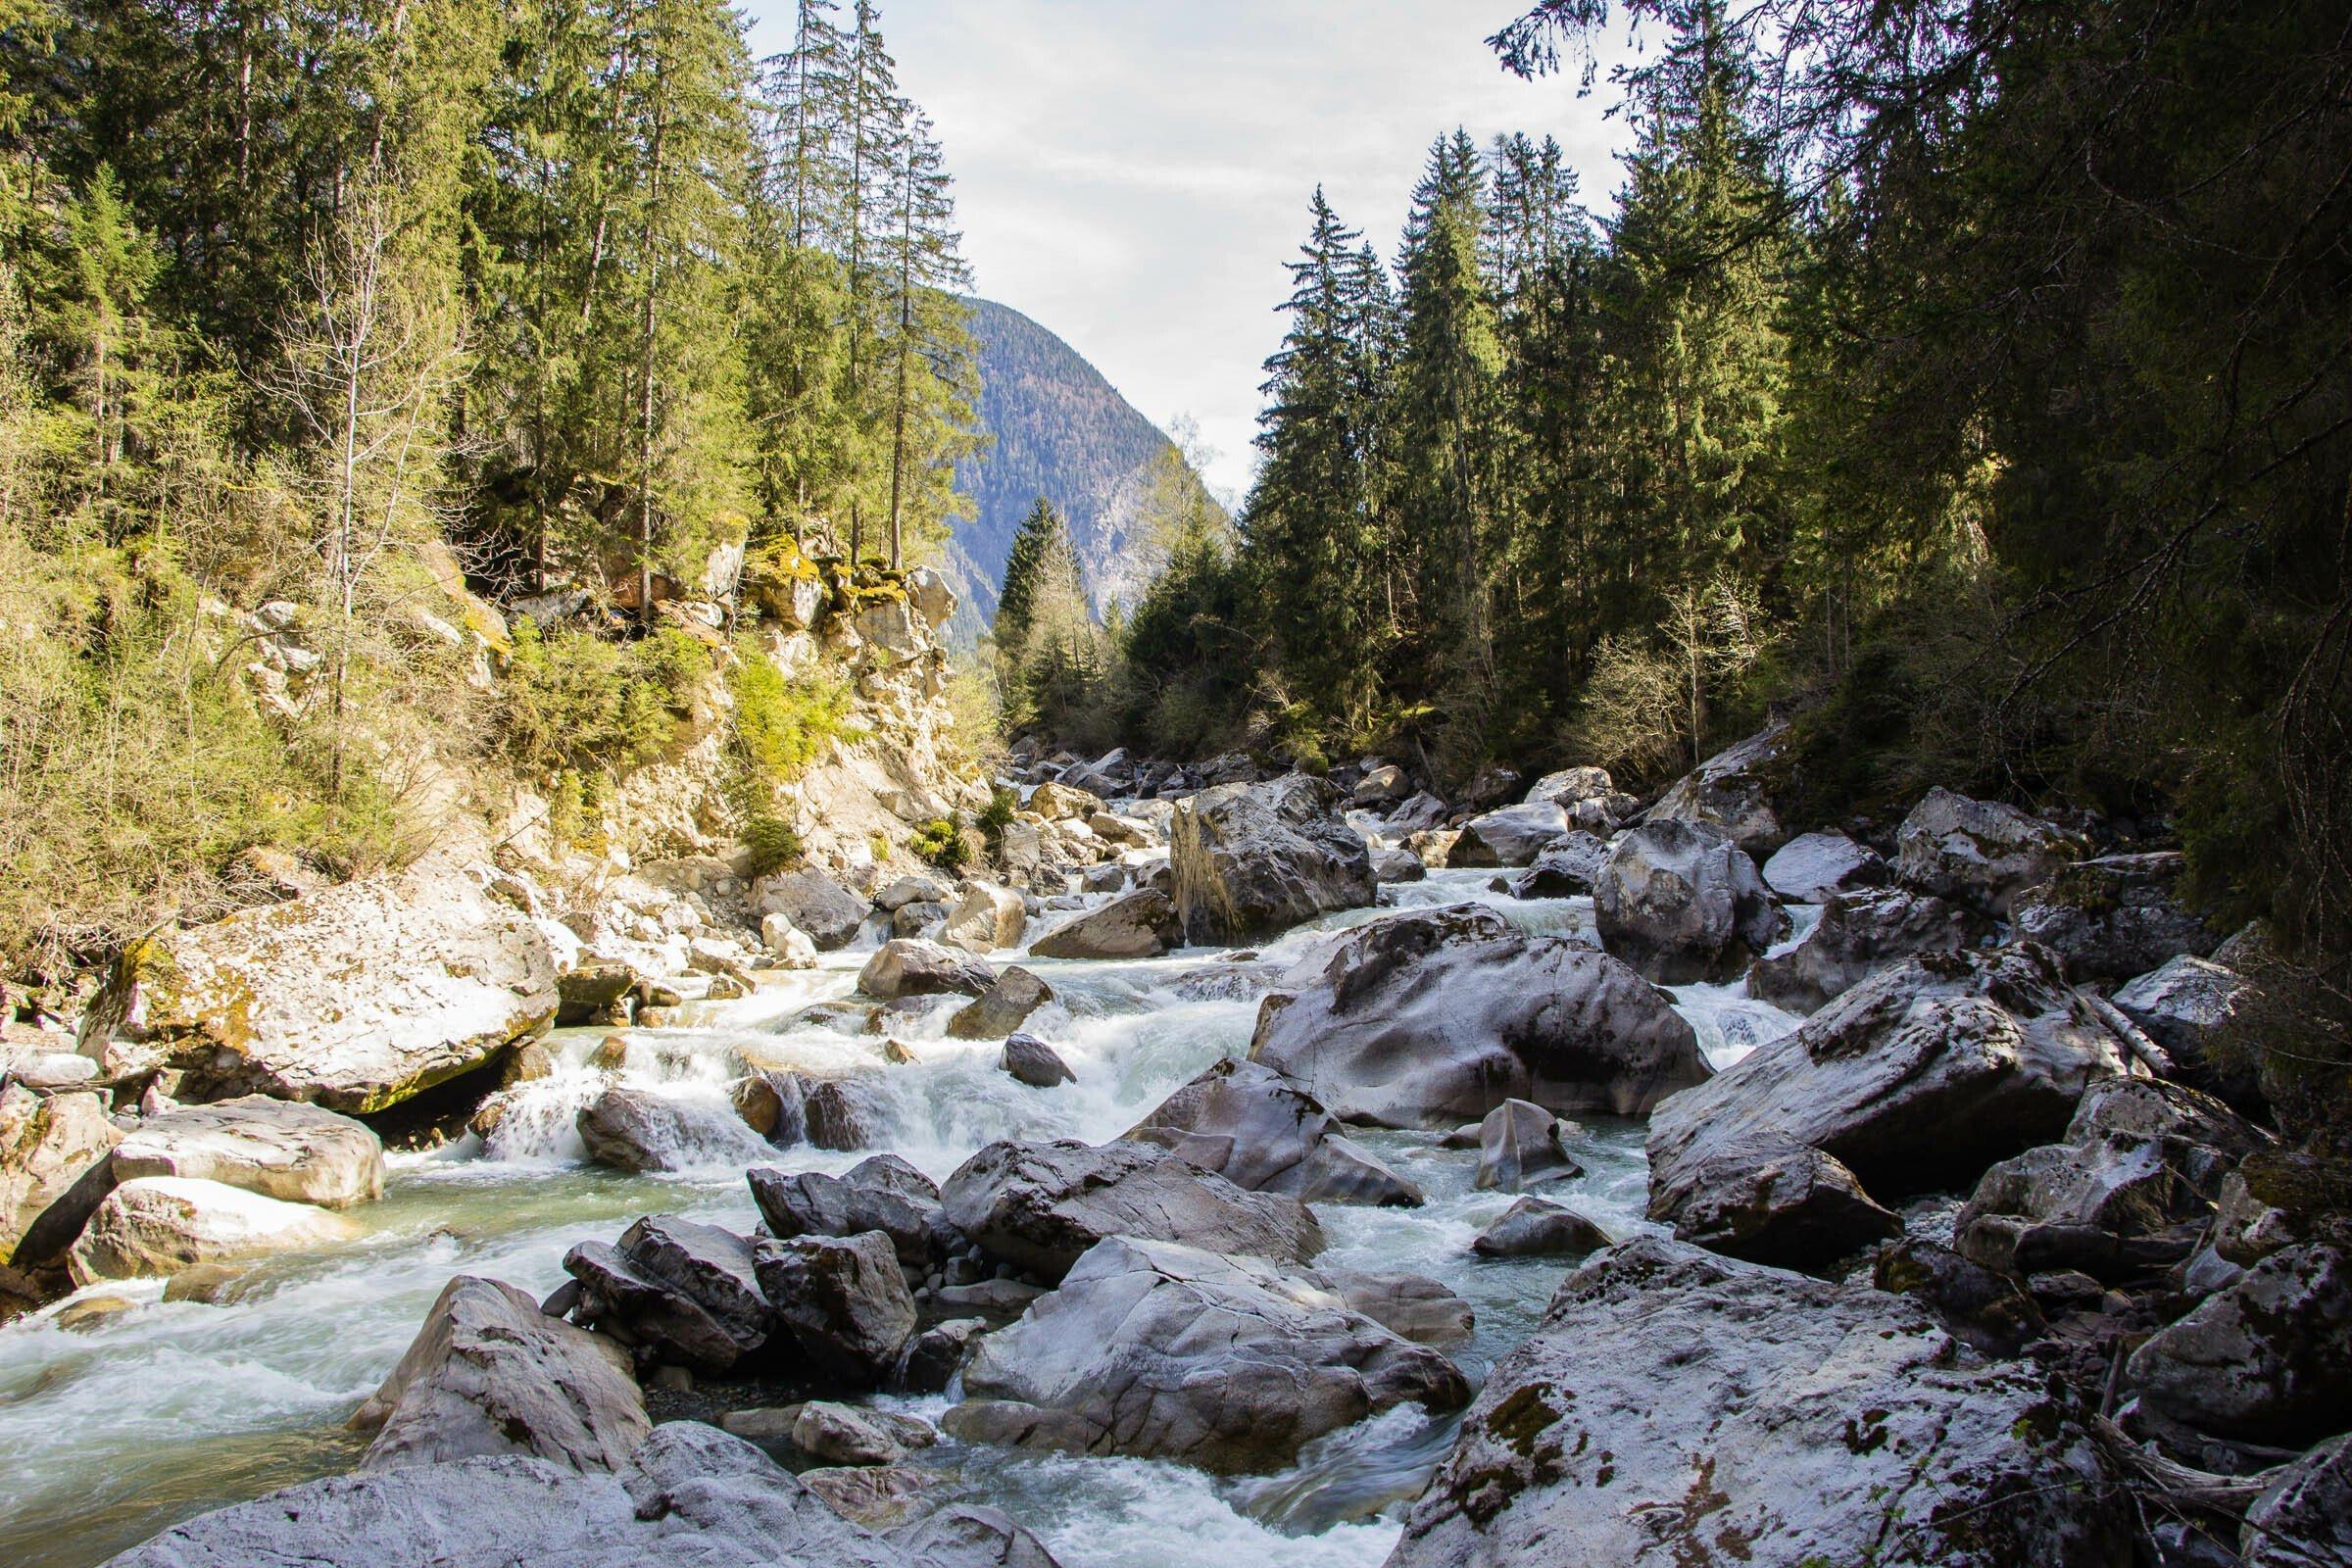 Gletscherbach mit großen Steinen und wildem Wasser.